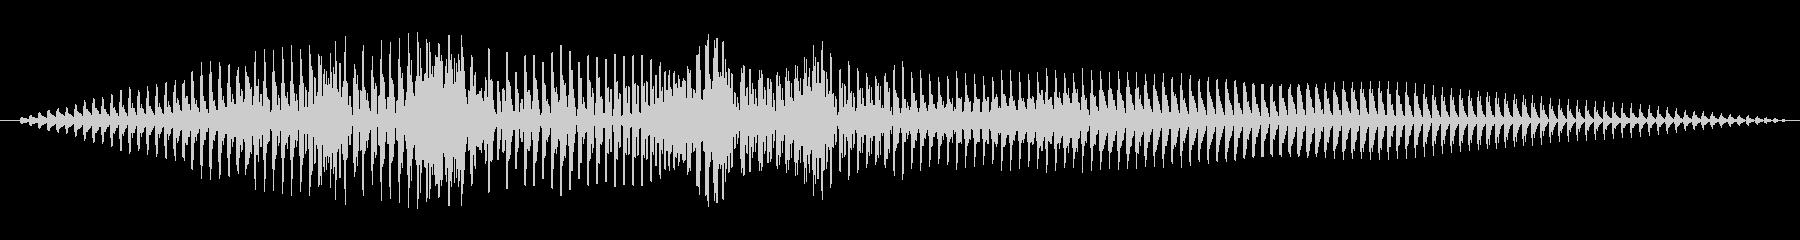 ビッグバズスイープ1の未再生の波形